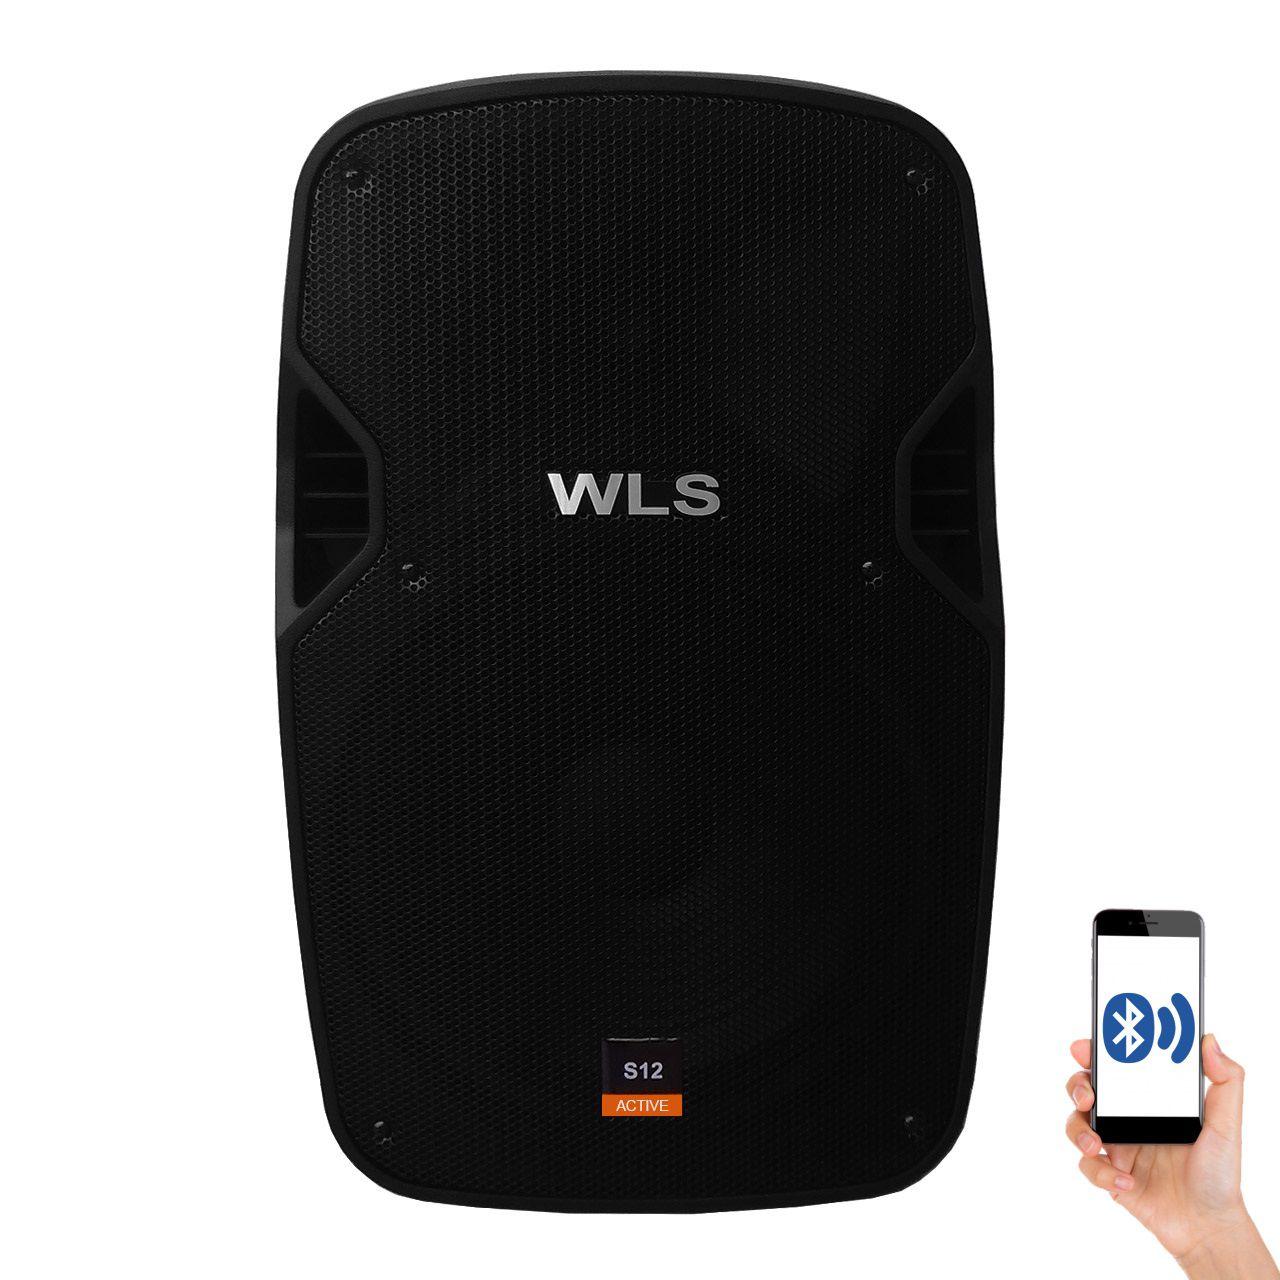 Caixa De Som Ativa Wls S12 Bluetooth 250W Rms